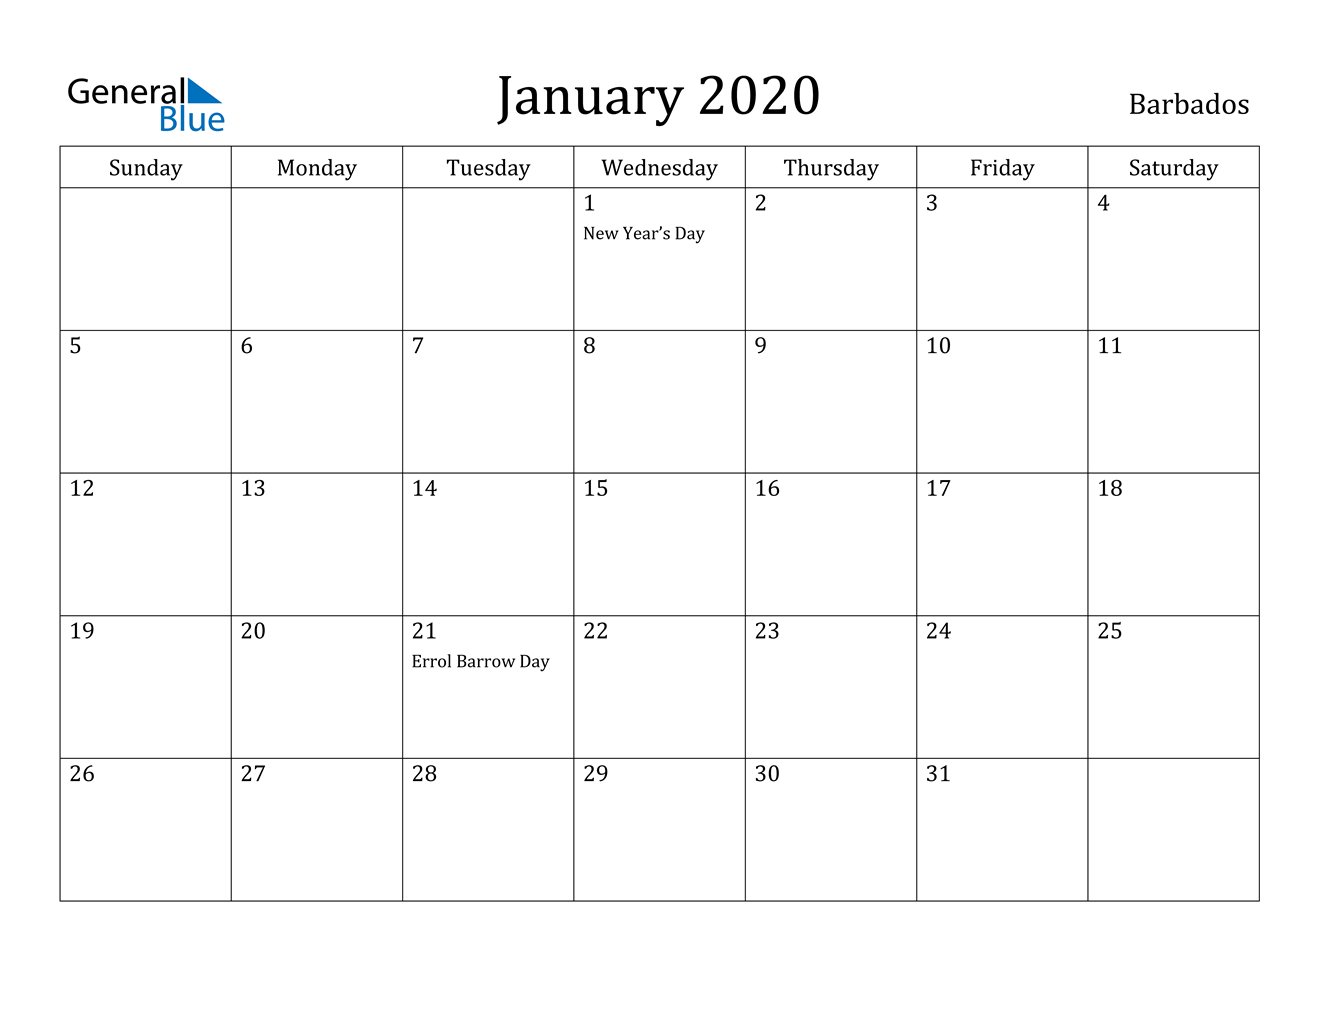 Image of January 2020 Barbados Calendar with Holidays Calendar